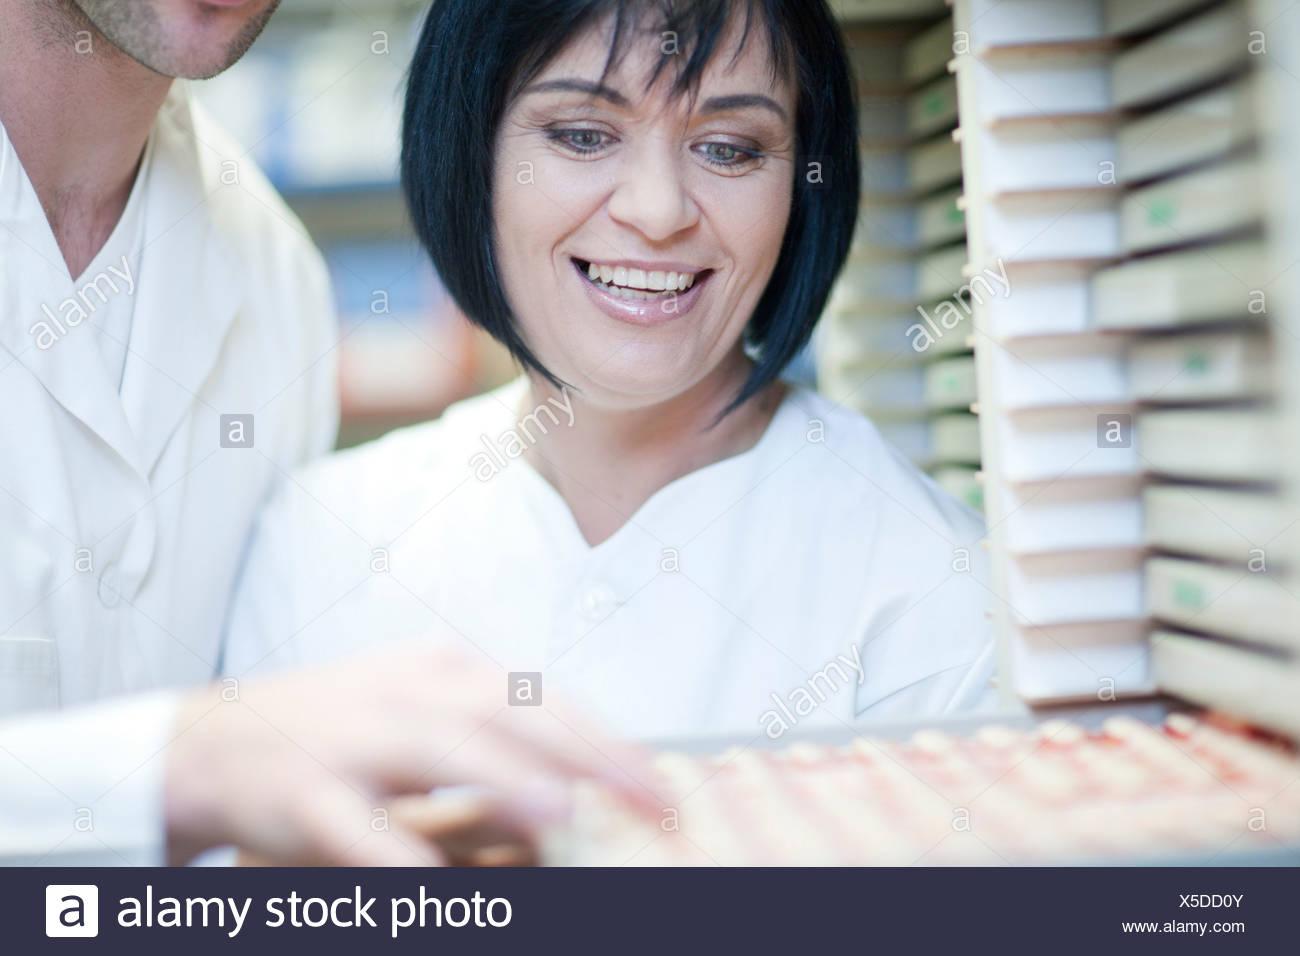 Dental technicians choosing tooth veneers in lab - Stock Image